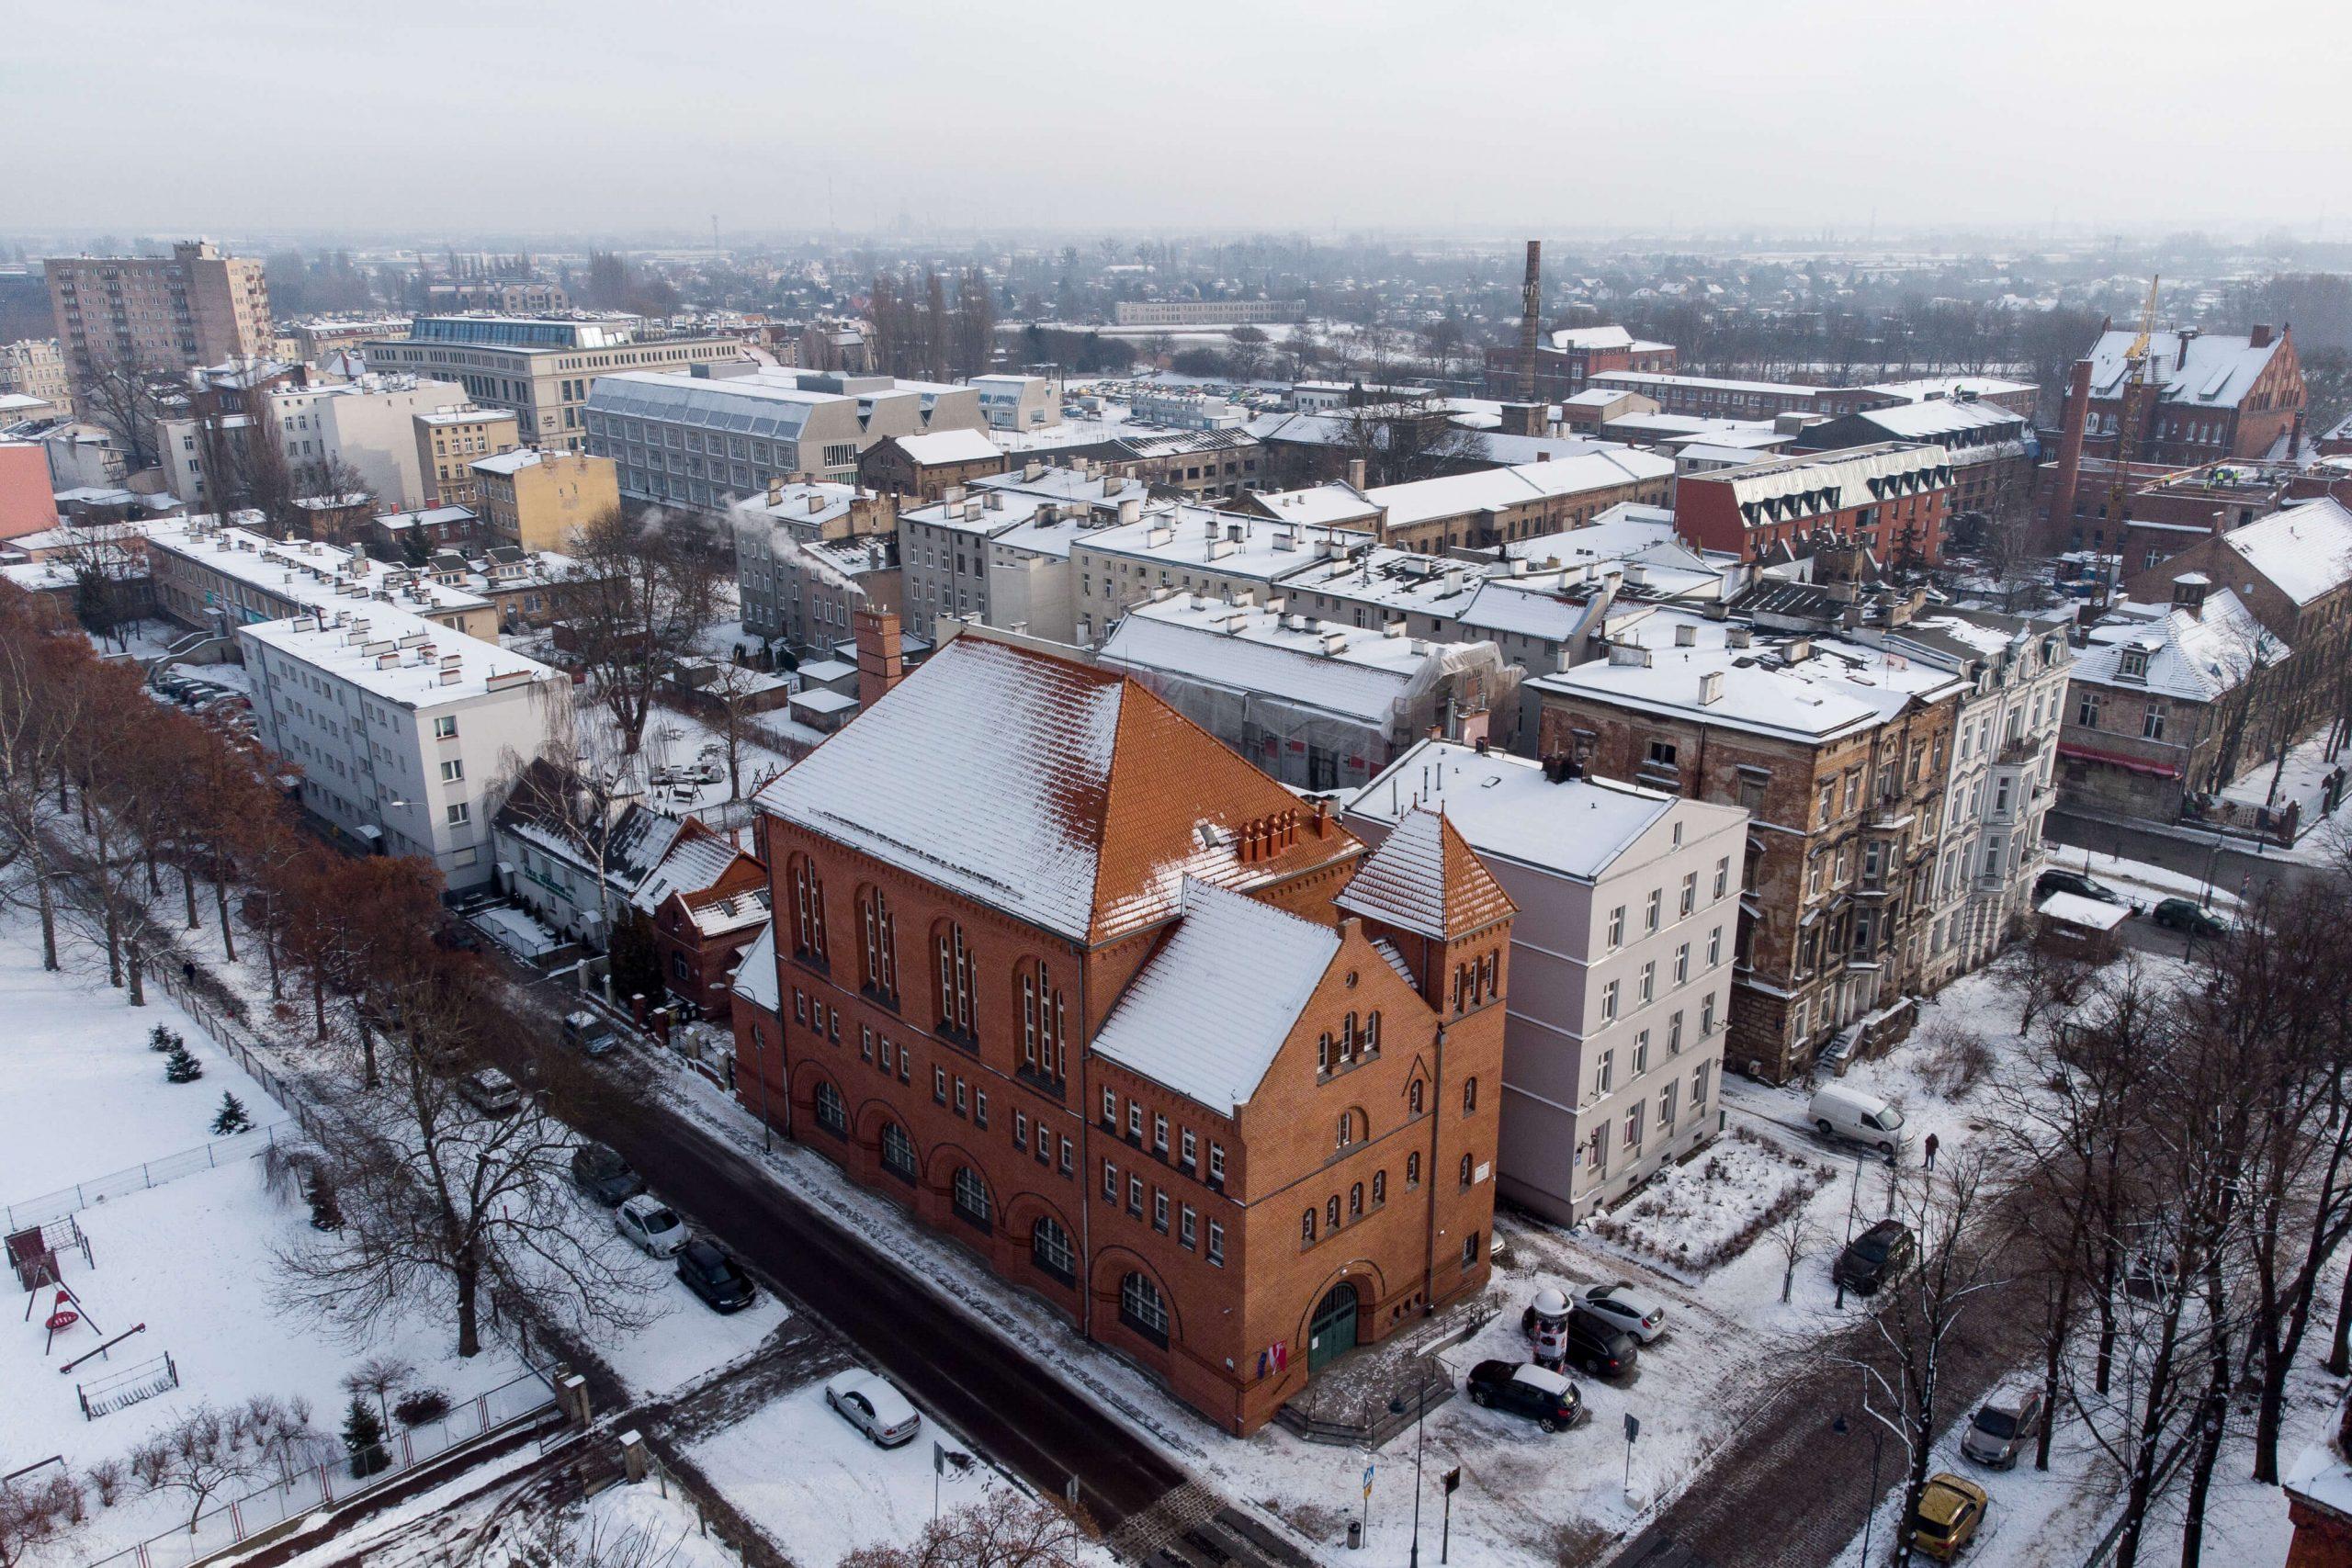 Gdansk zima 3 scaled - Gdańsk zimą jest piękny! Zimowy spacer po Dolnym Mieście